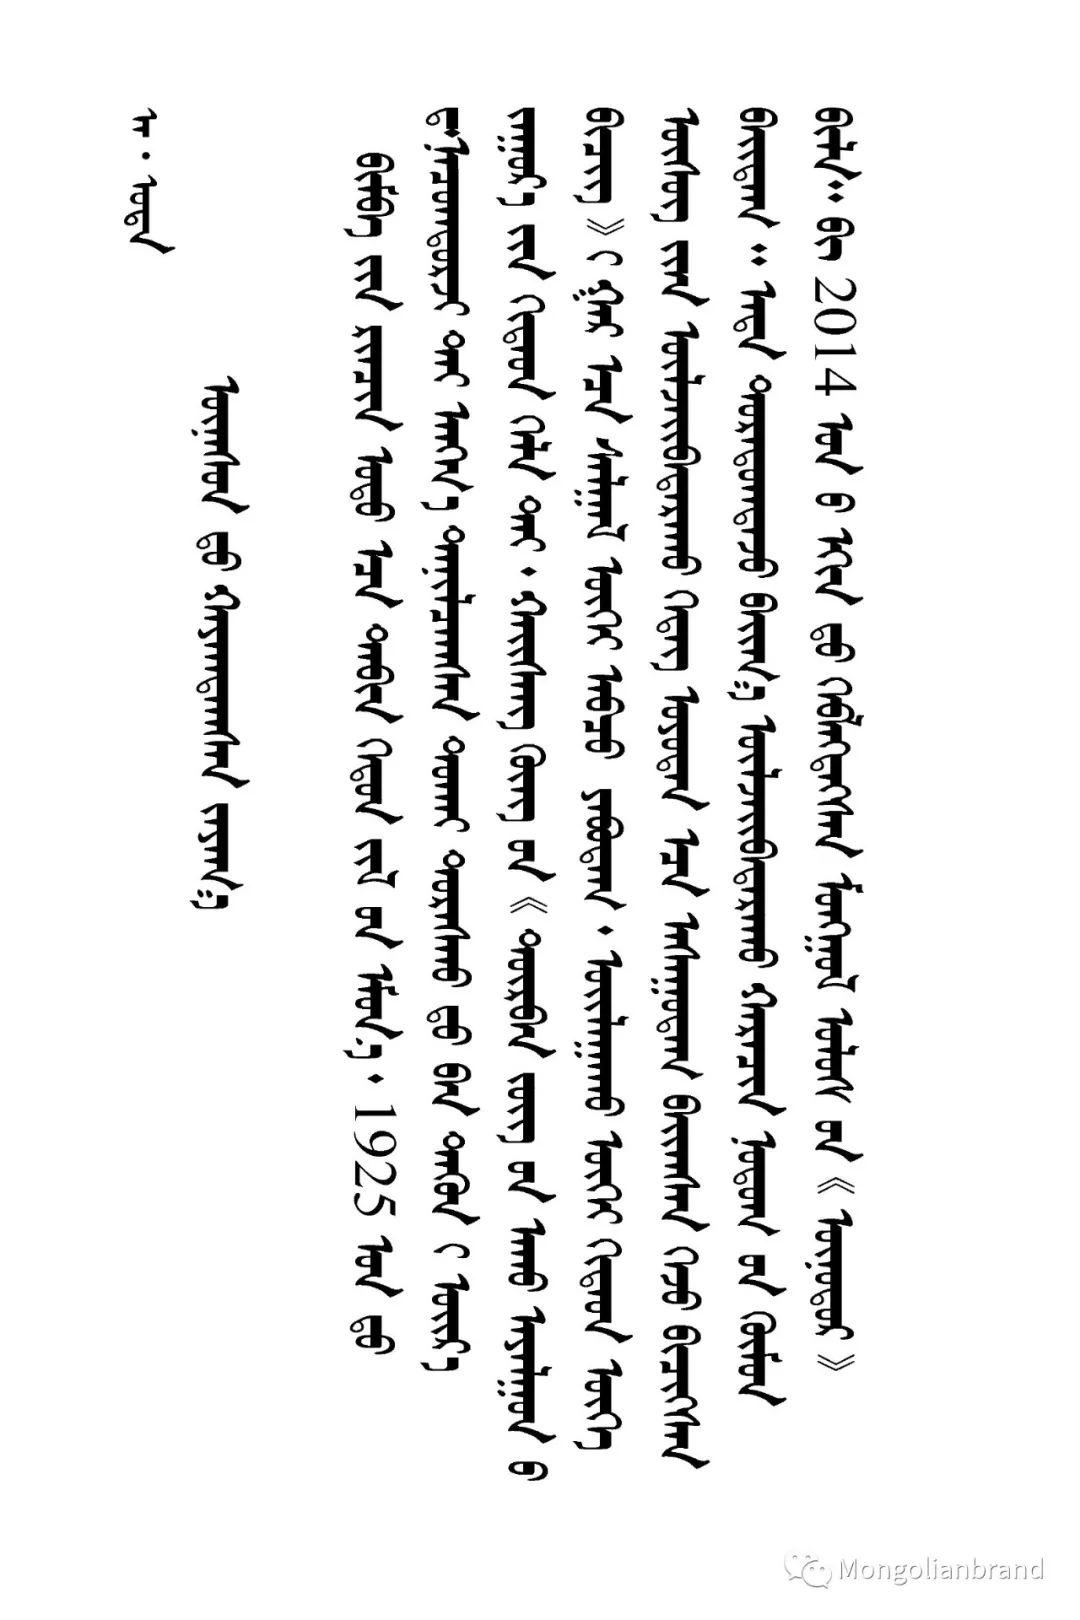 蒙古丨20世纪30年代在蒙古遇害的喀喇沁知识分子乌力吉巴达拉呼 第2张 蒙古丨20世纪30年代在蒙古遇害的喀喇沁知识分子乌力吉巴达拉呼 蒙古文化